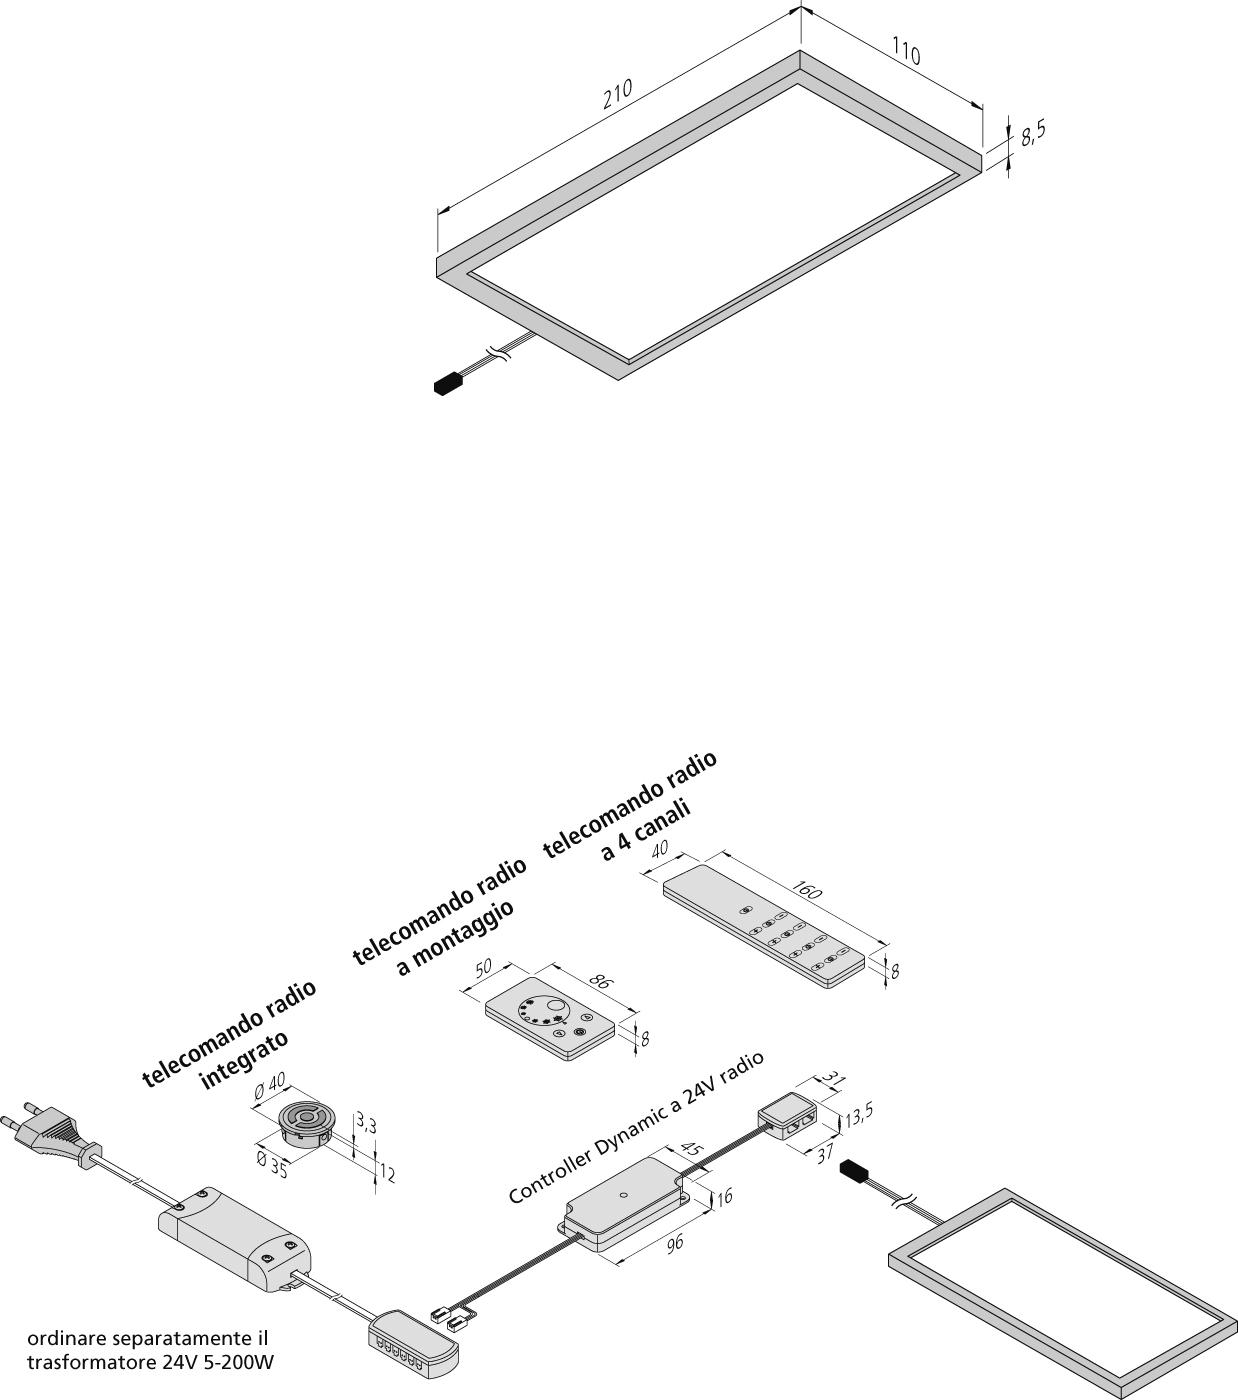 Anteprima: Dynamic-LED-Sky_it